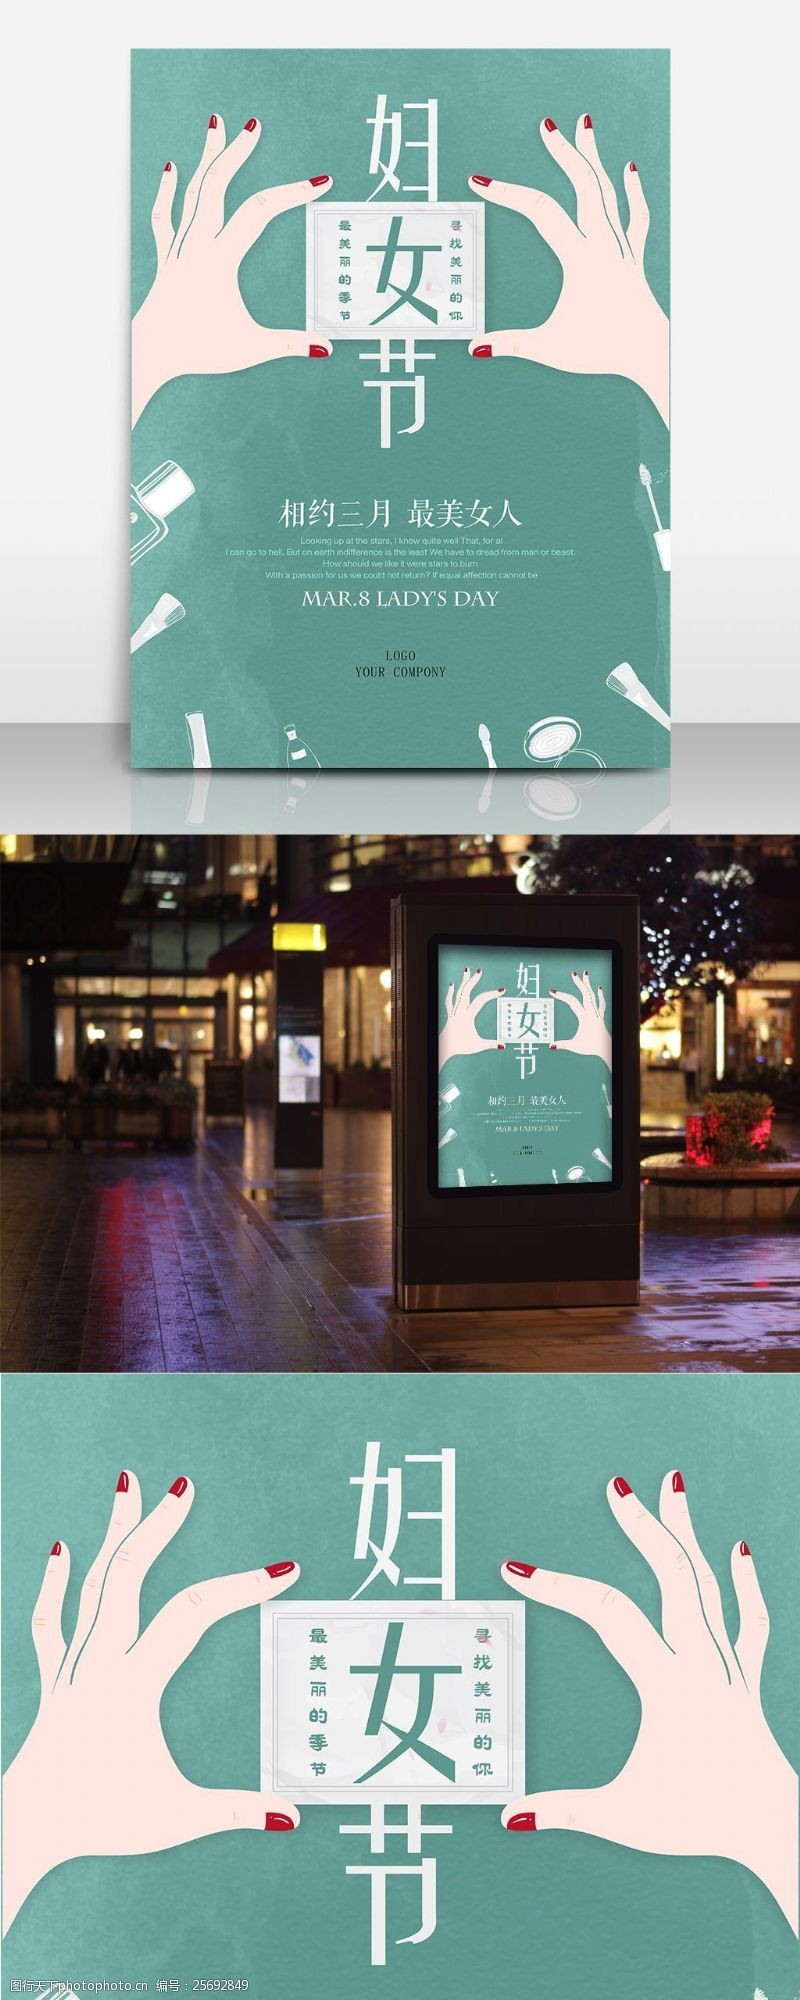 三八节宣传创意化妆品三八妇女节平面促销节日海报